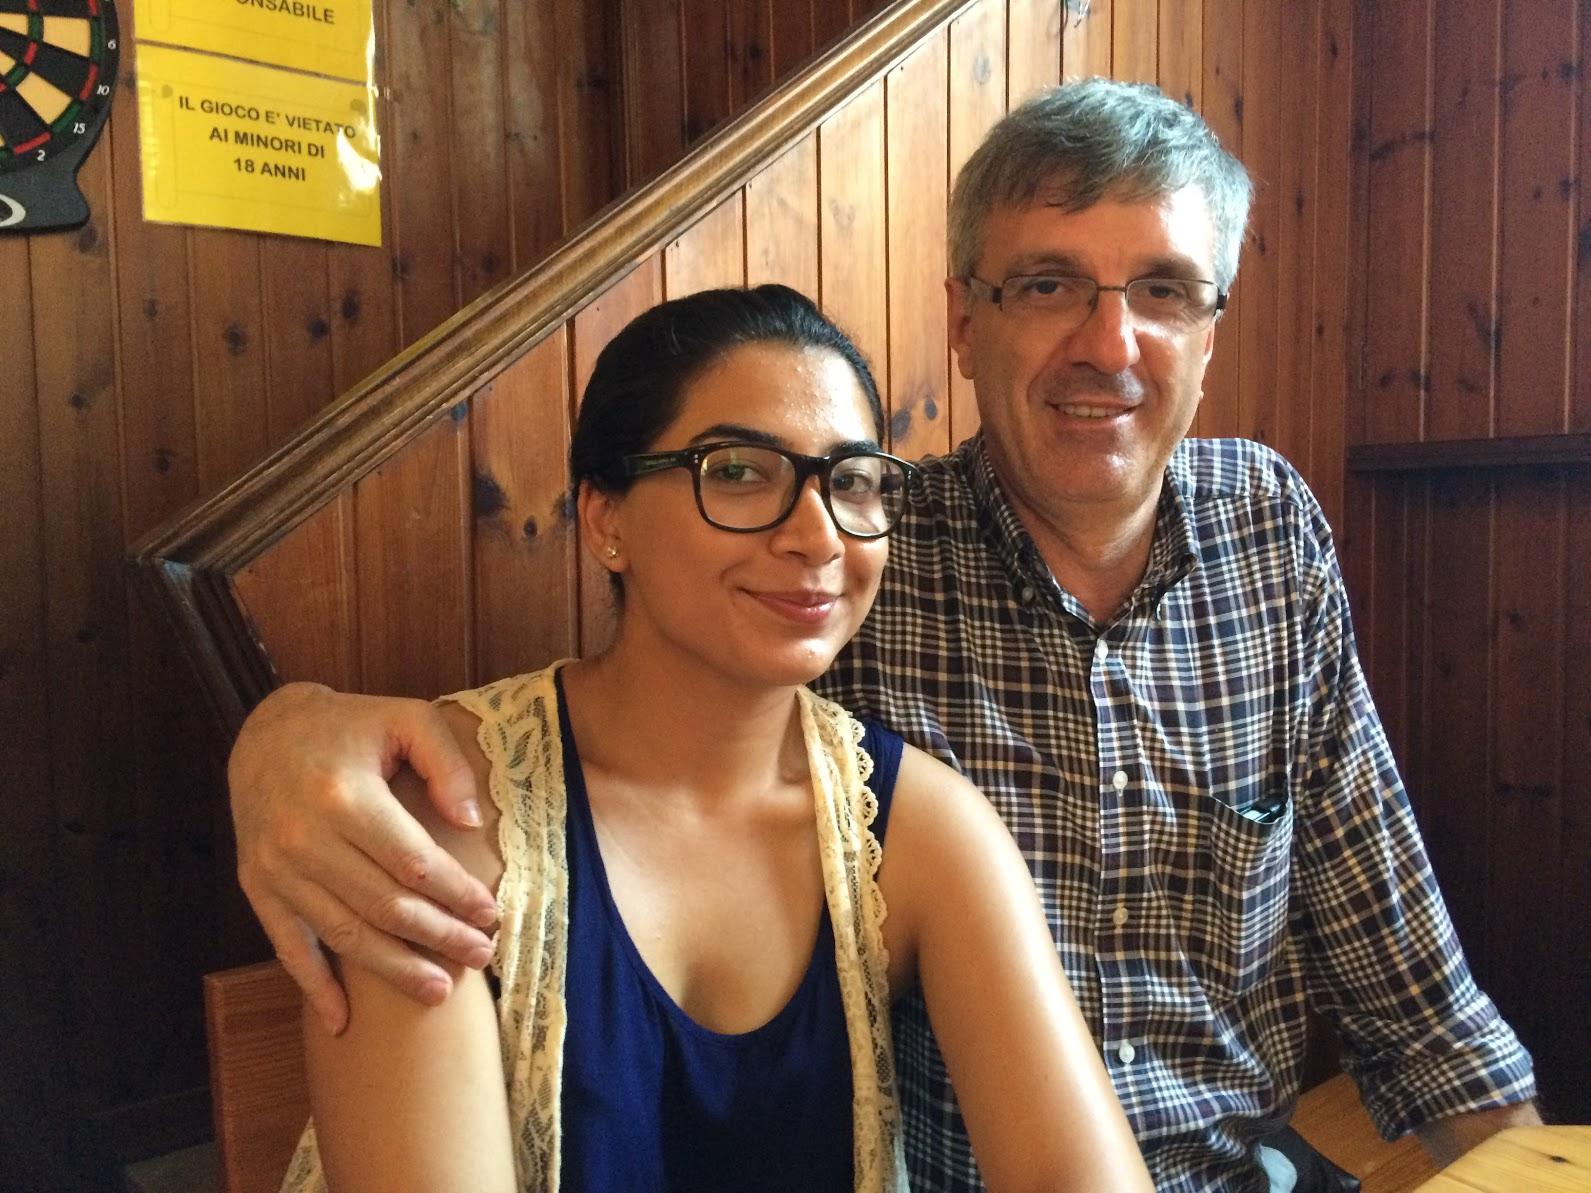 Minaa and Massimo.